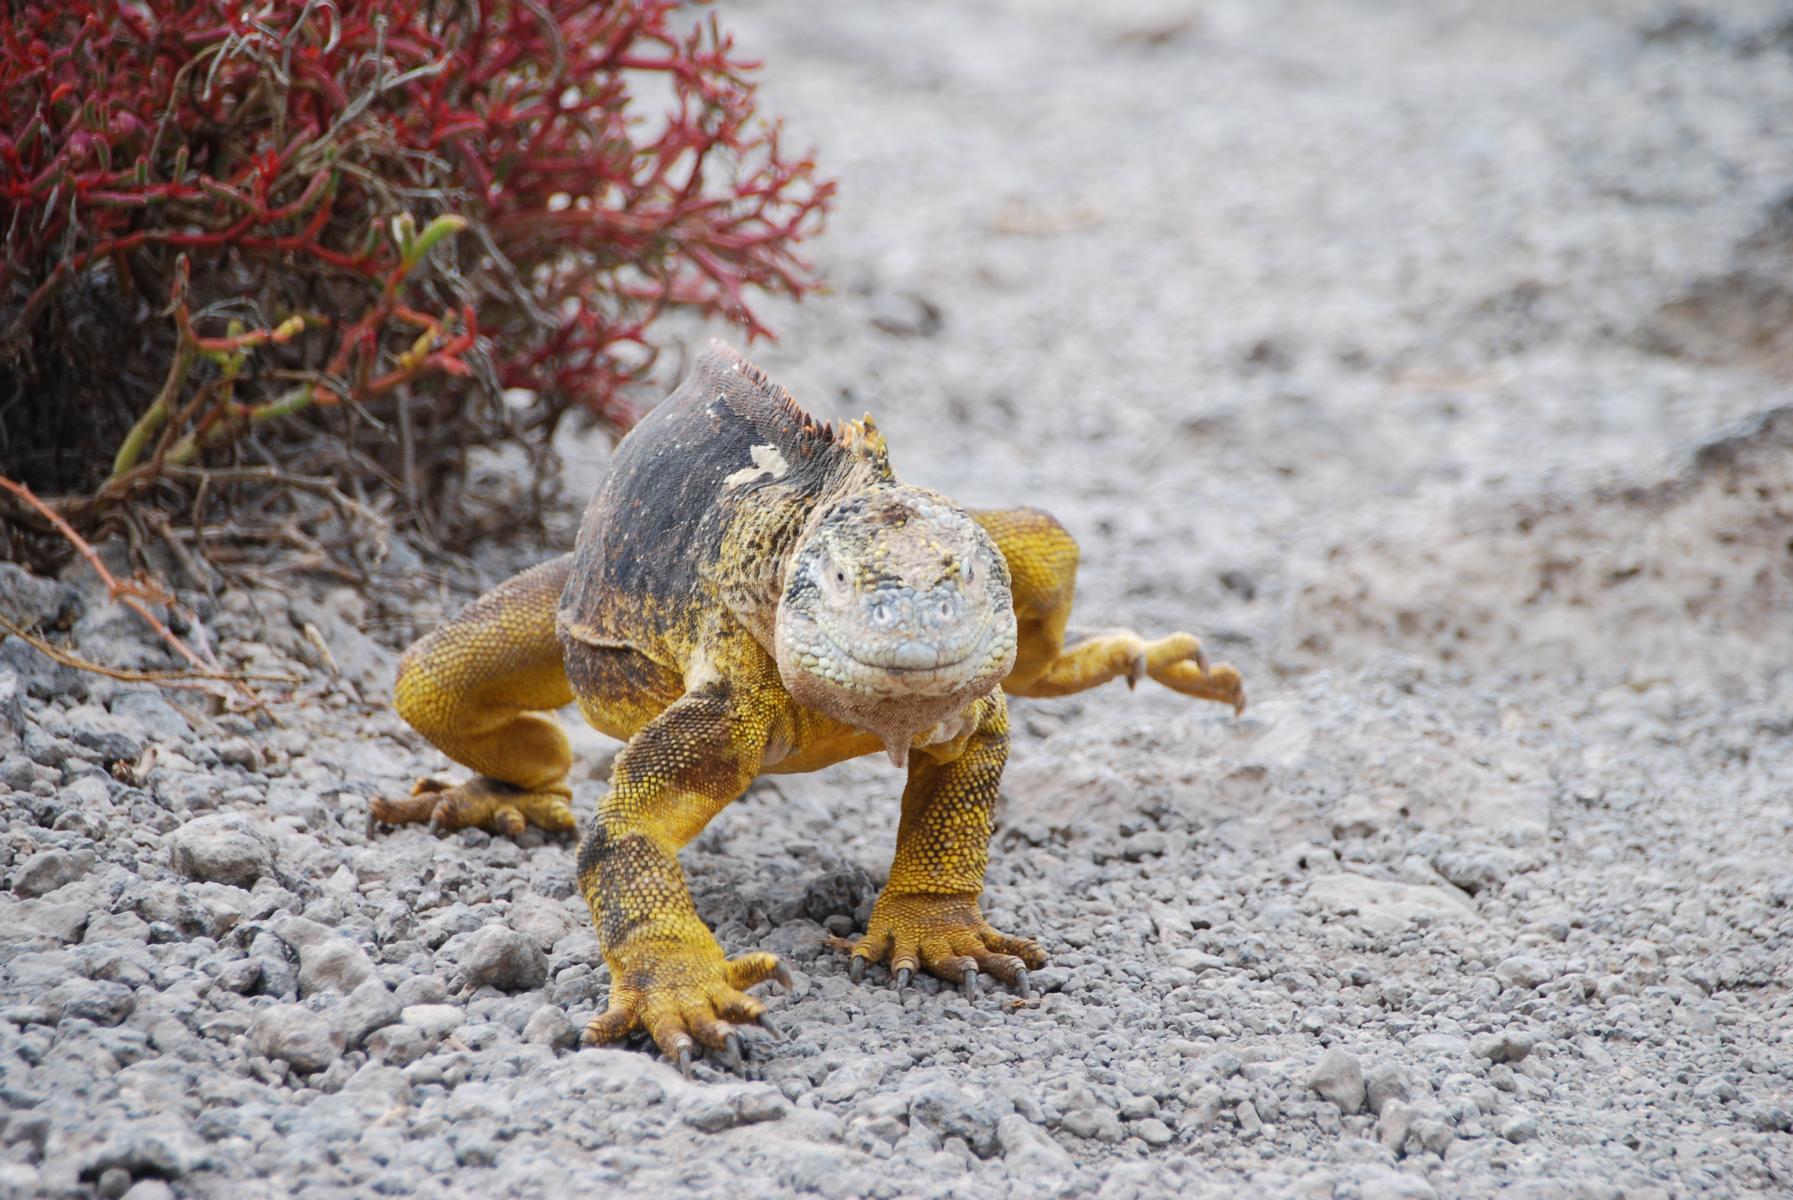 MCElite - K1600_Concurso-de-Fotografía-Galapagos-Iguana-by-Cristina-Arteaga-September-2017.jpg